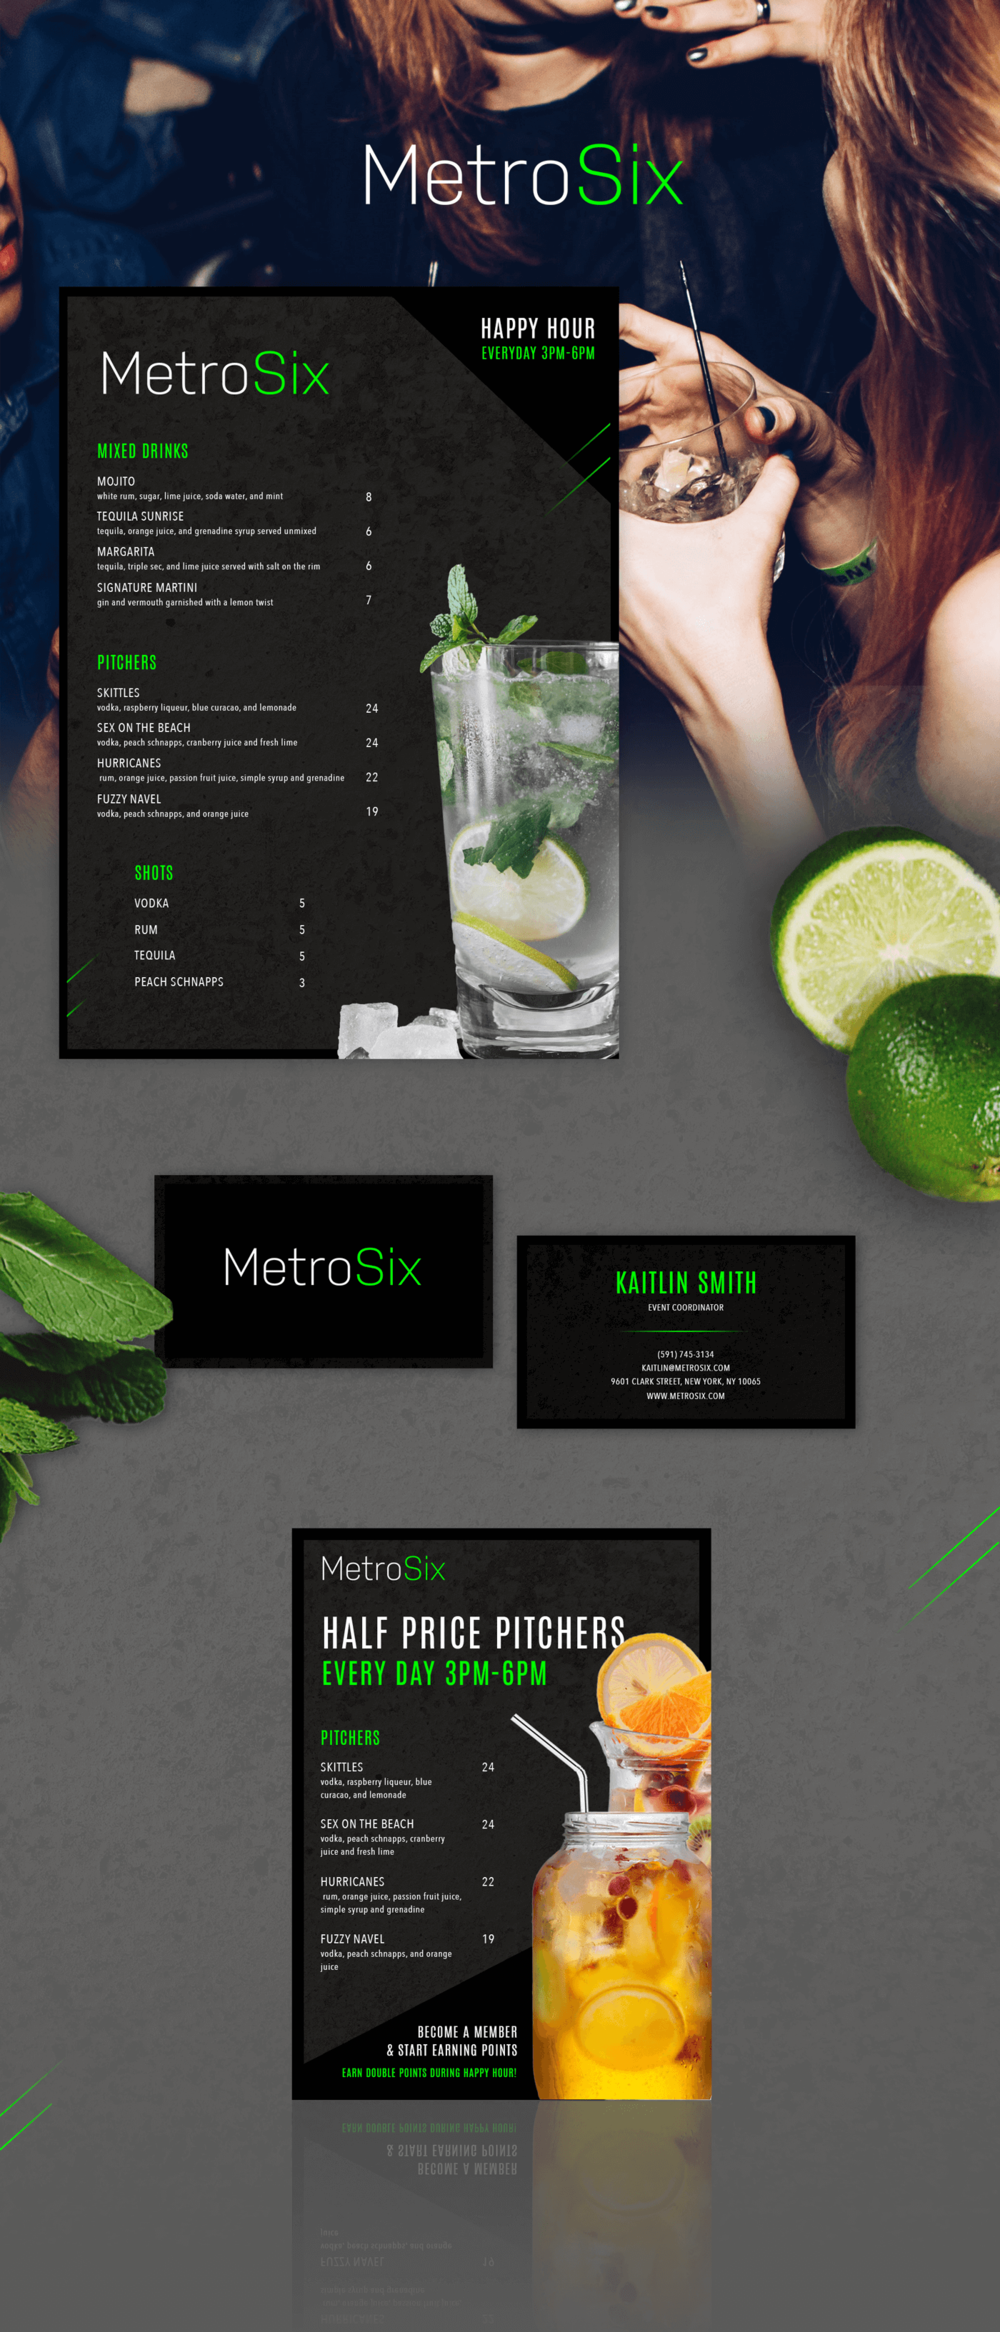 MetroSix.Menu1_ForWebsite-(1) (1).png